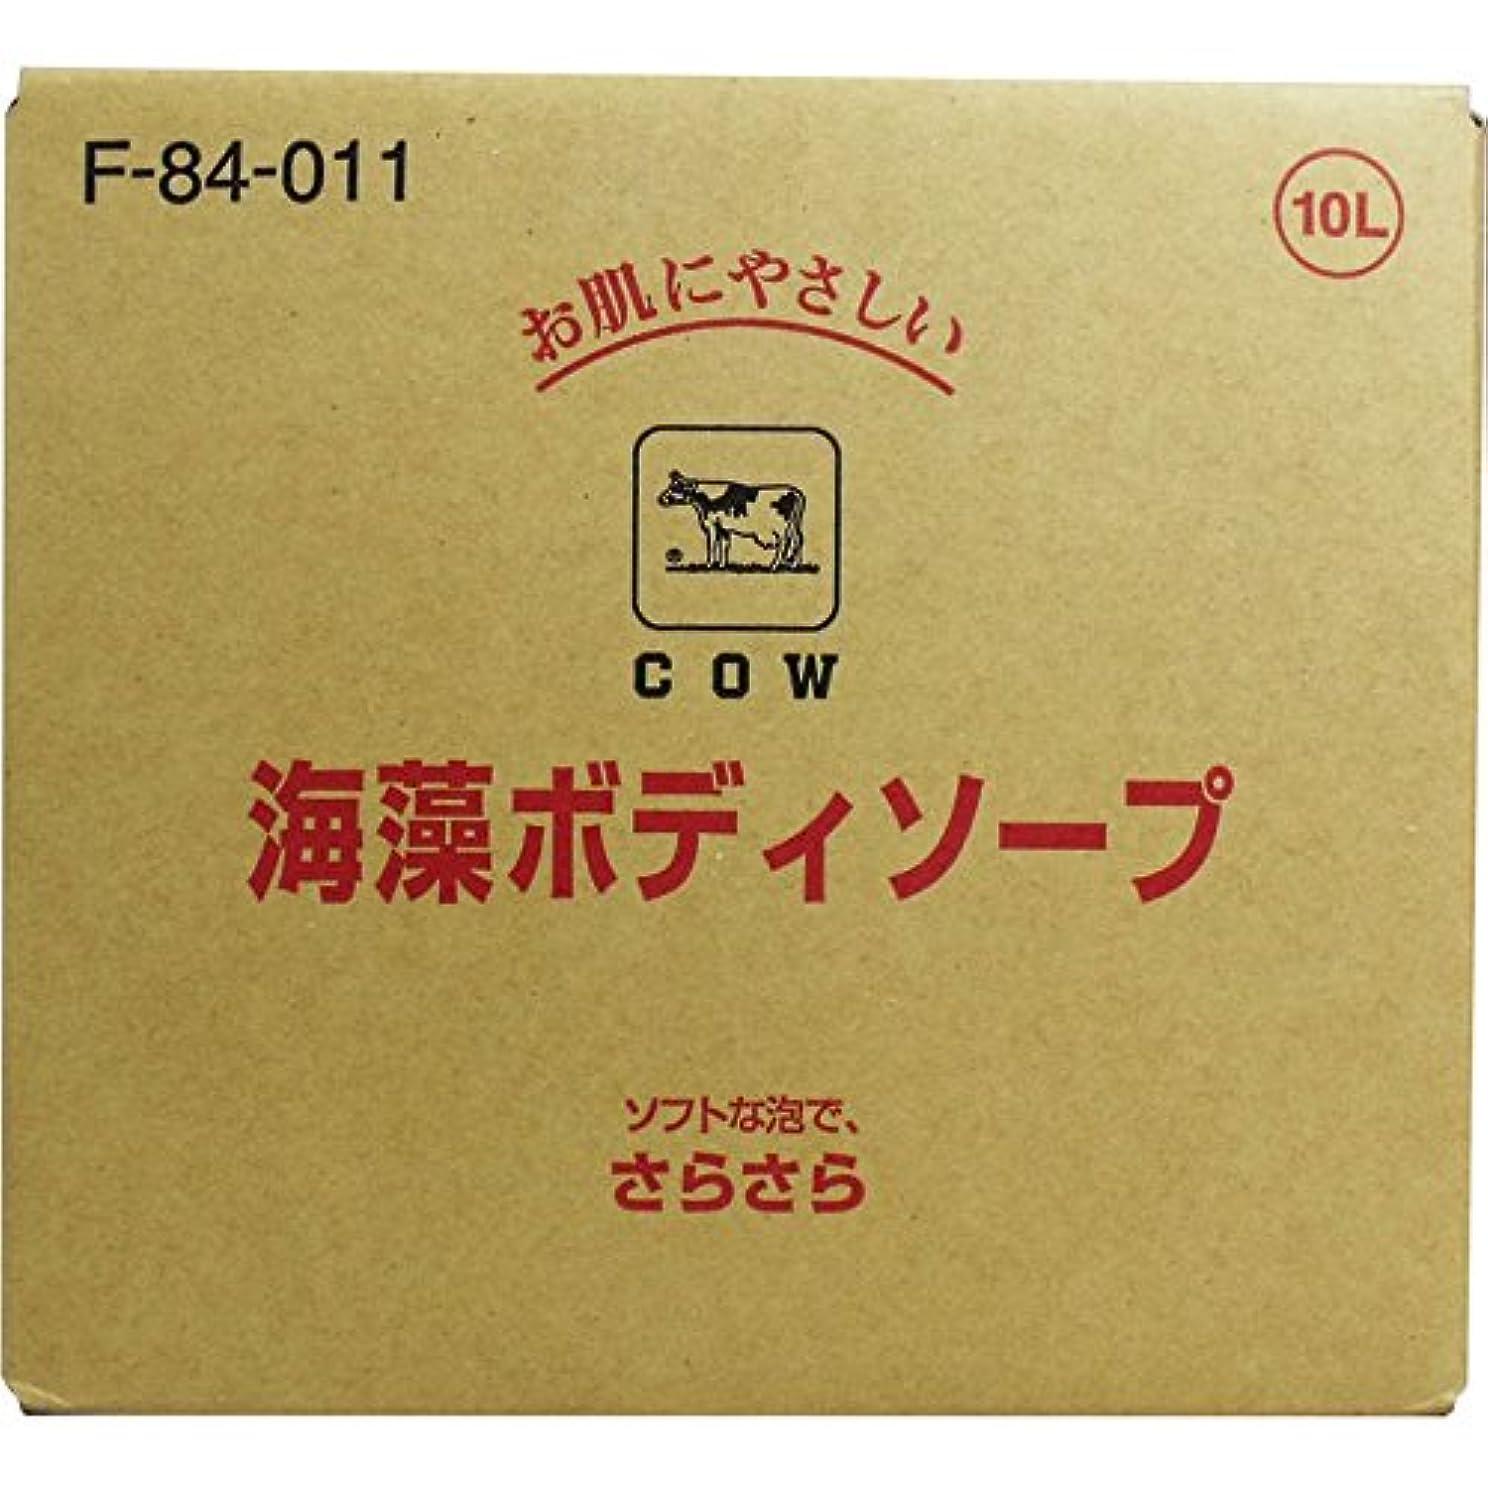 ヘクタール象銀ボディ 石けん詰め替え さらさらした洗い心地 便利商品 牛乳ブランド 海藻ボディソープ 業務用 10L